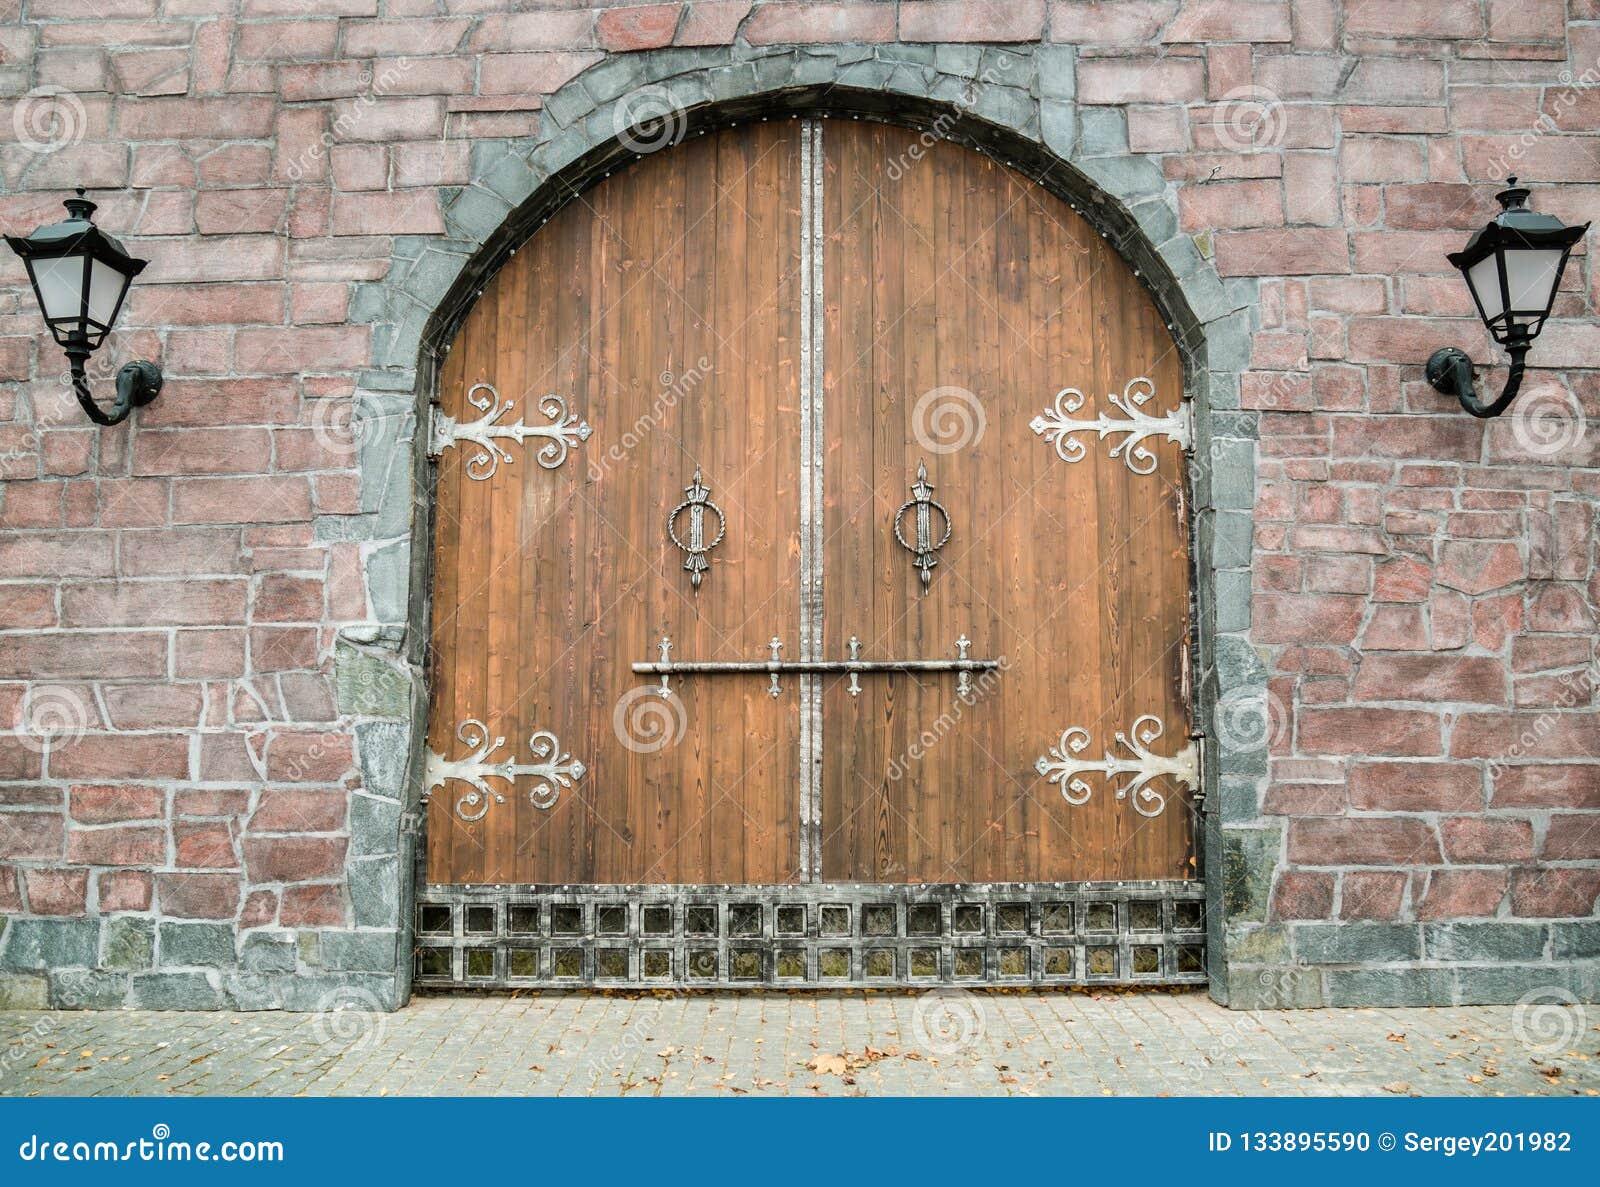 Old medieval wooden gate